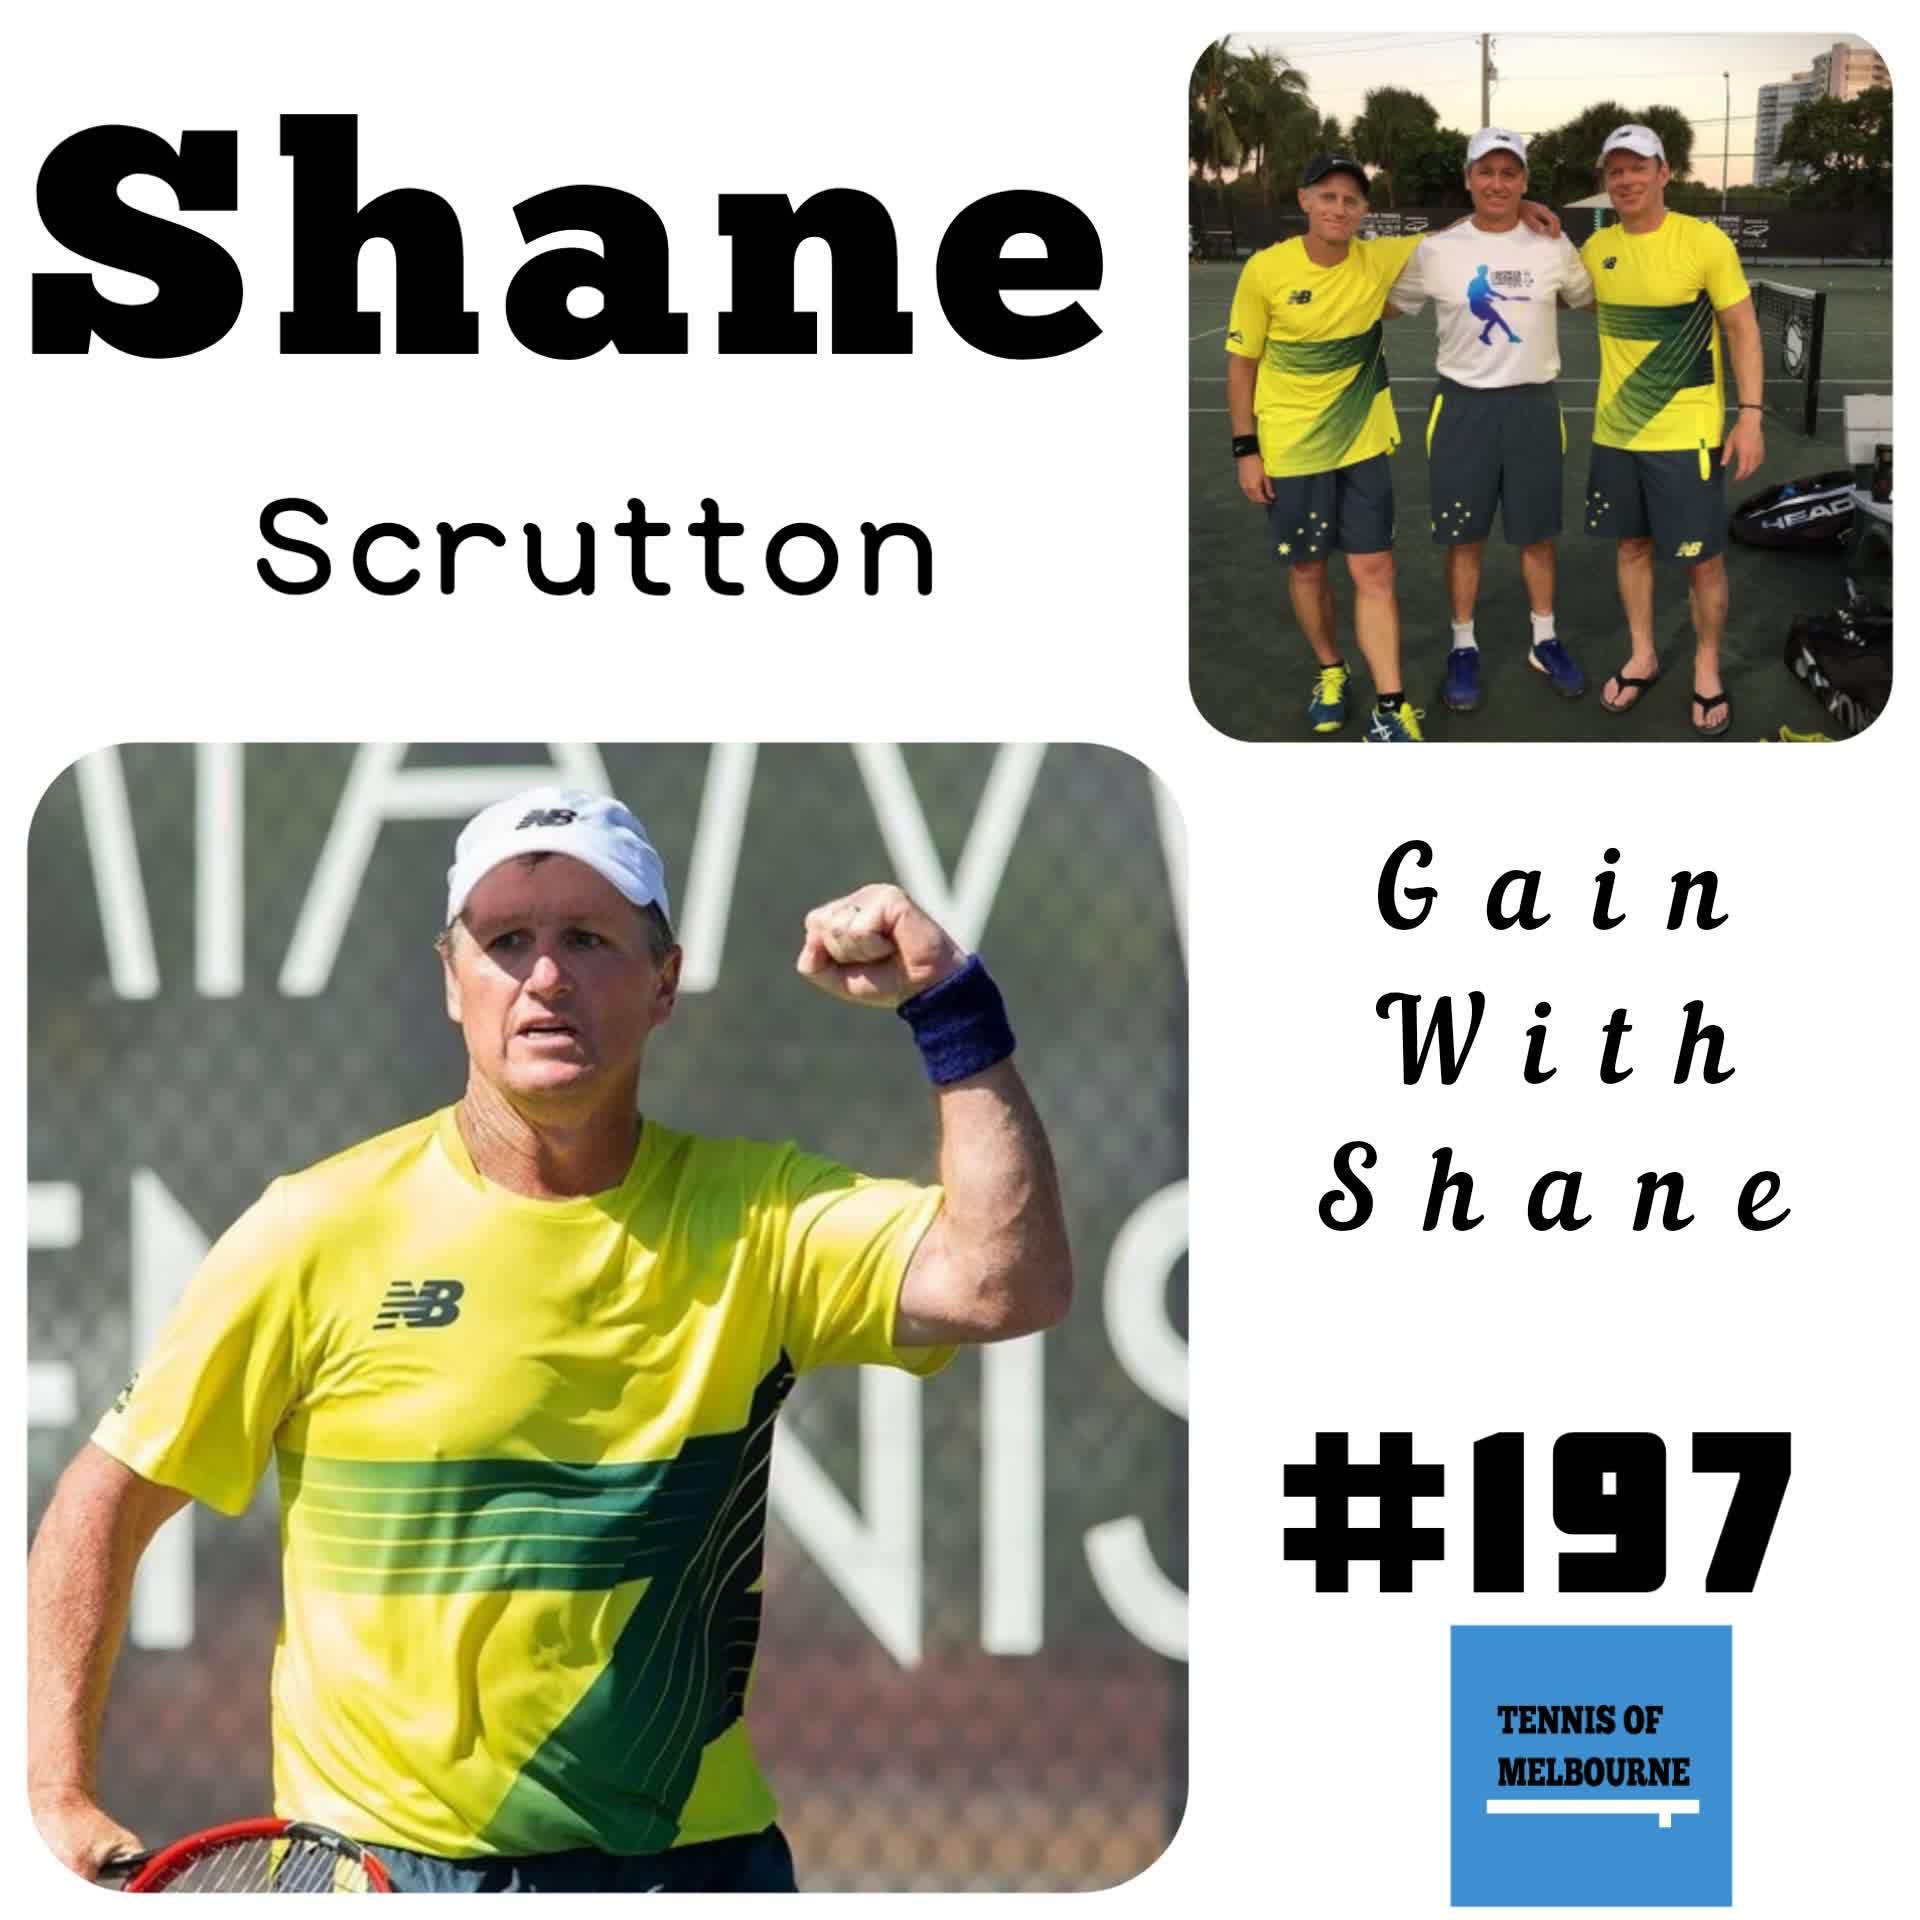 #197 Shane Scrutton | Gain with Shane